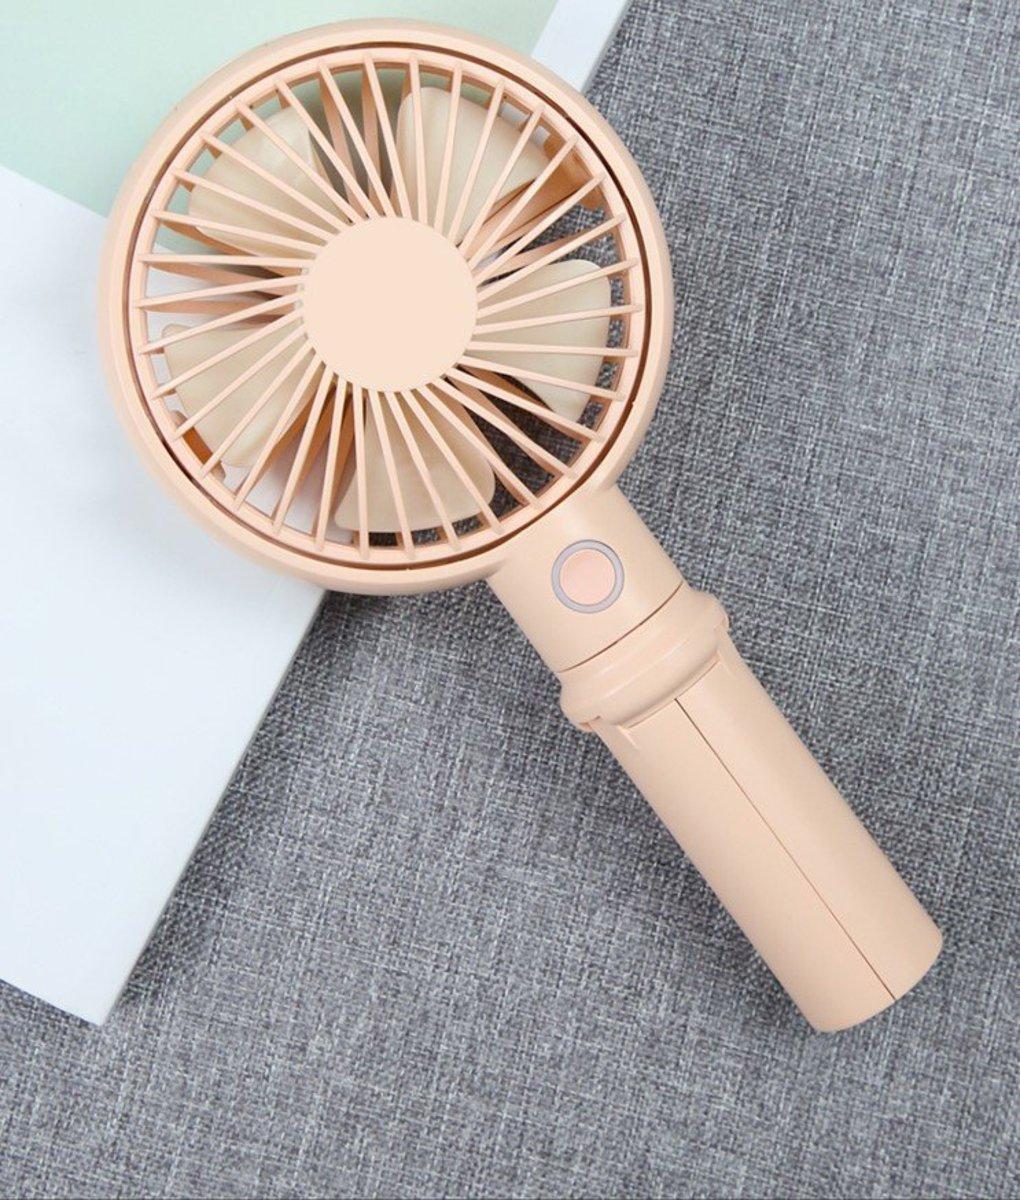 Benks 迷你隨身多功能手持小風扇靜音可坐檯 -- 粉紅色